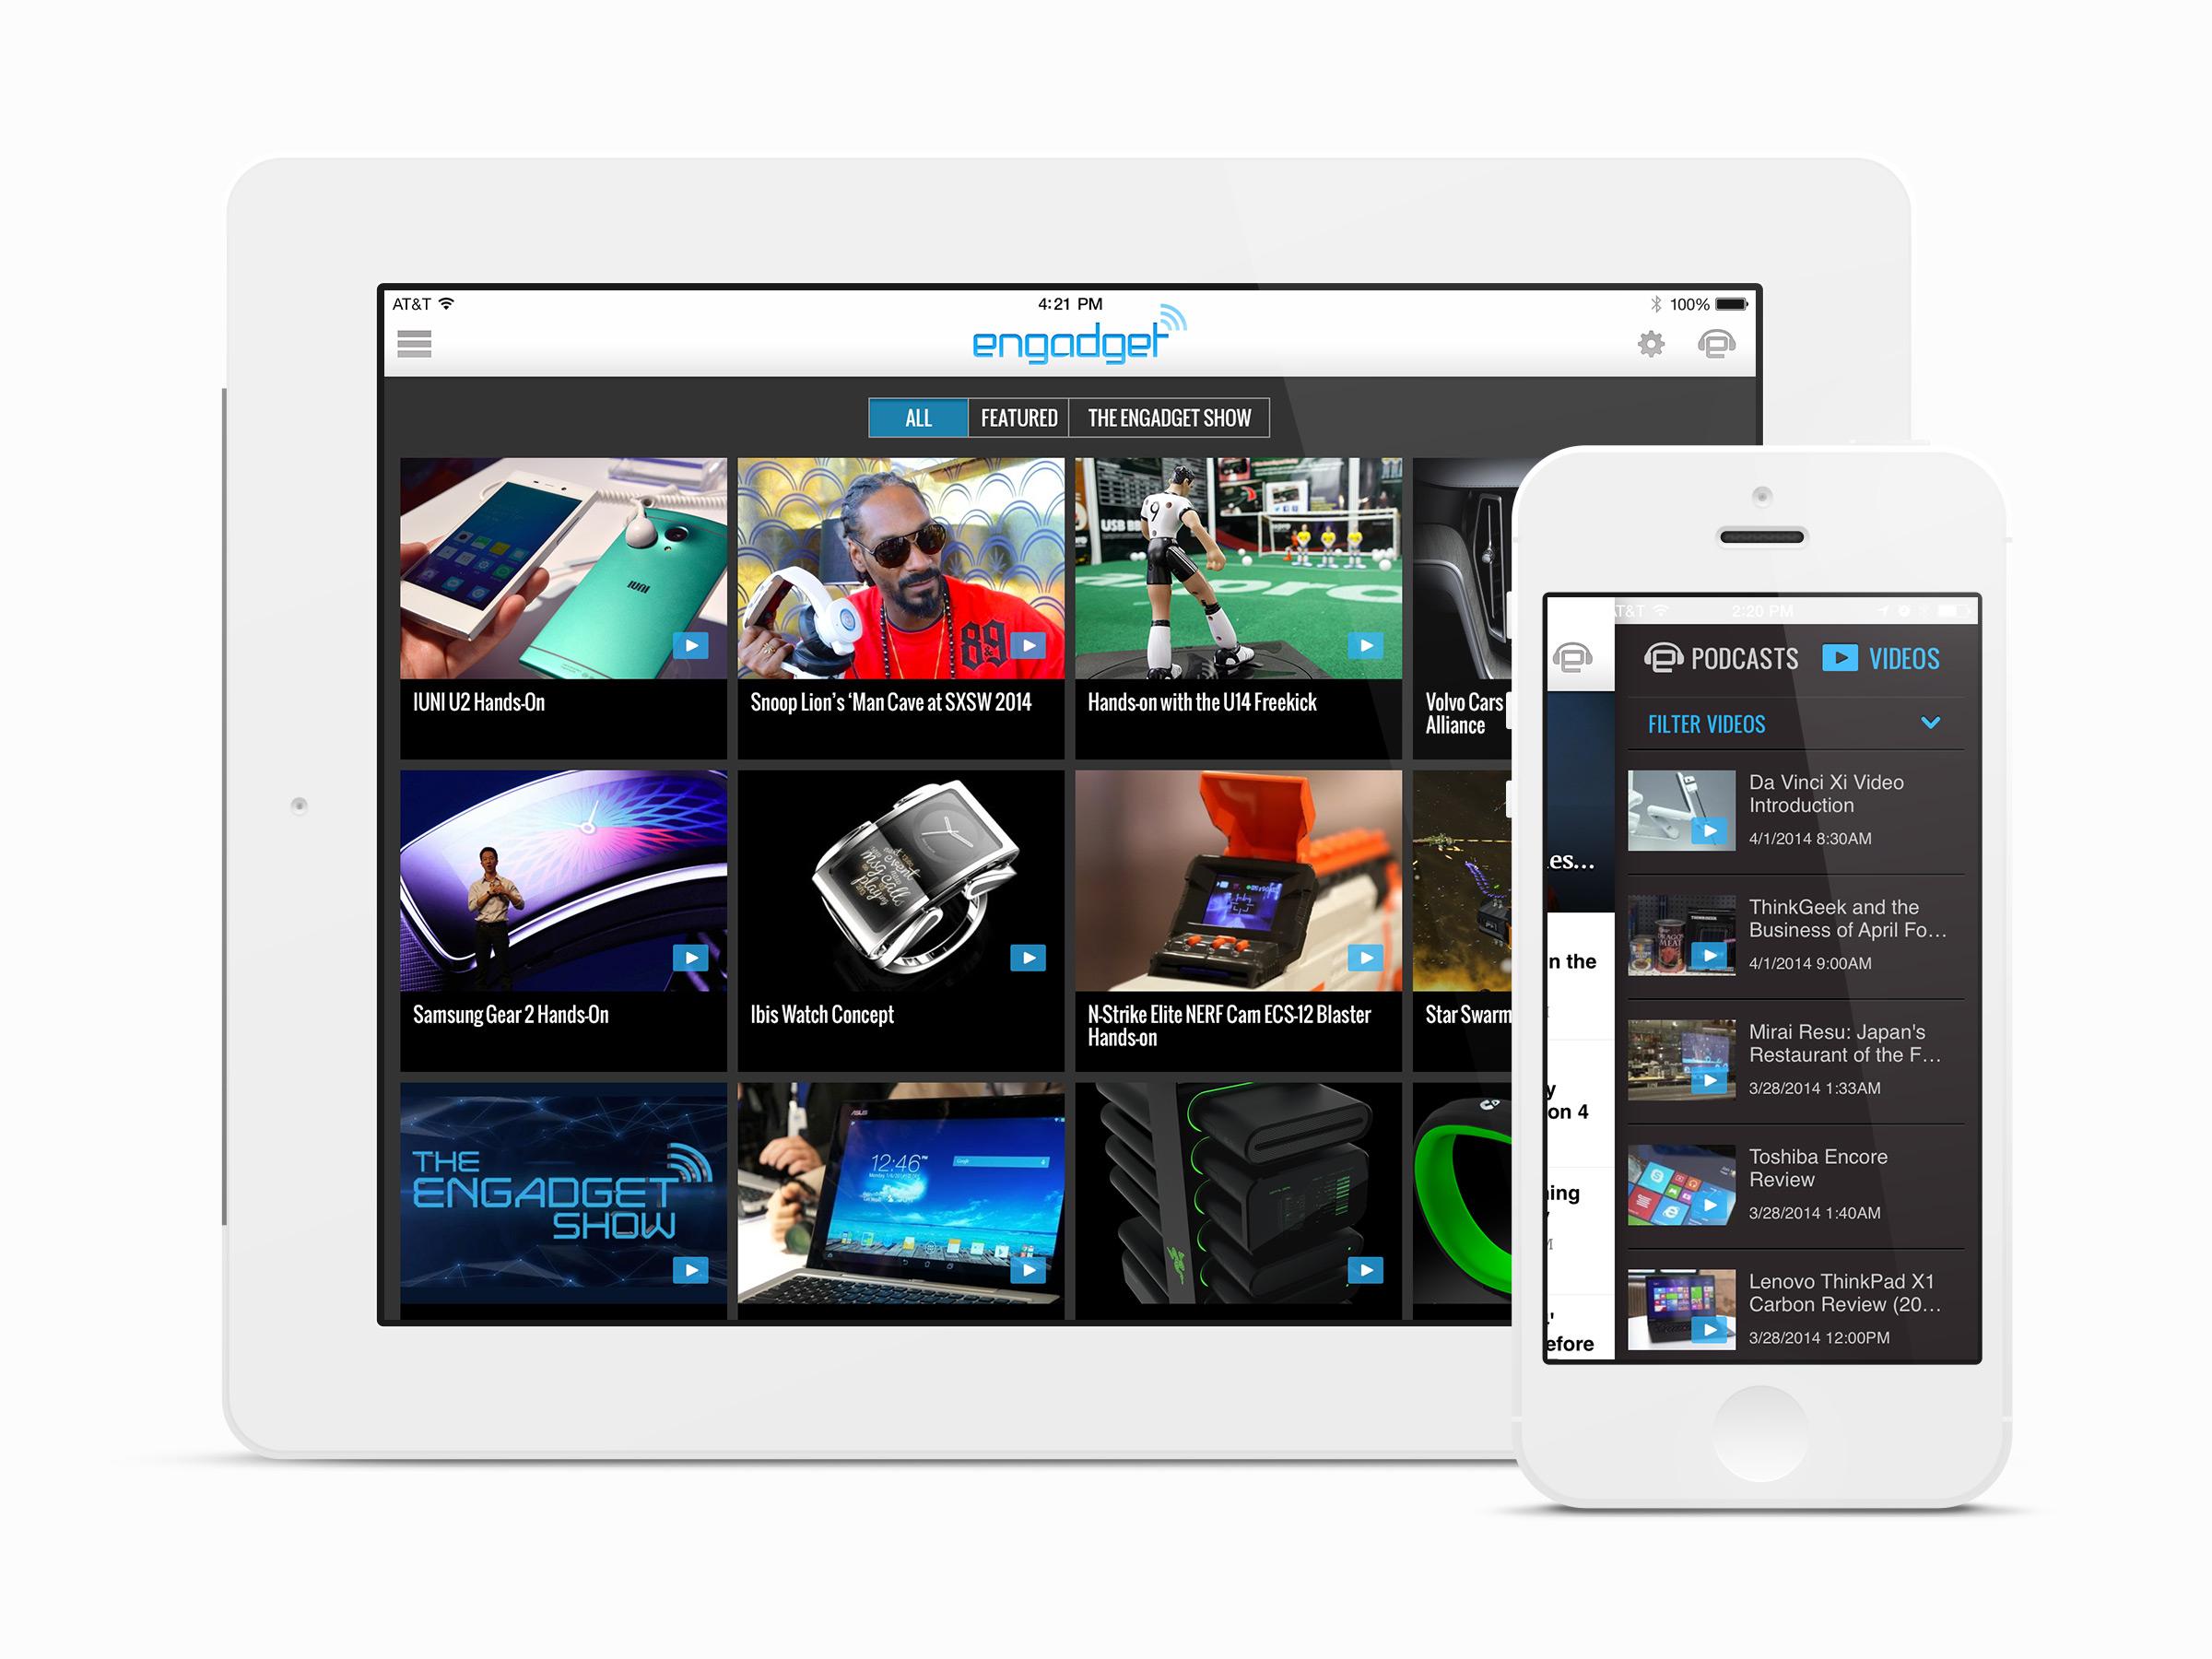 iOS Video Index